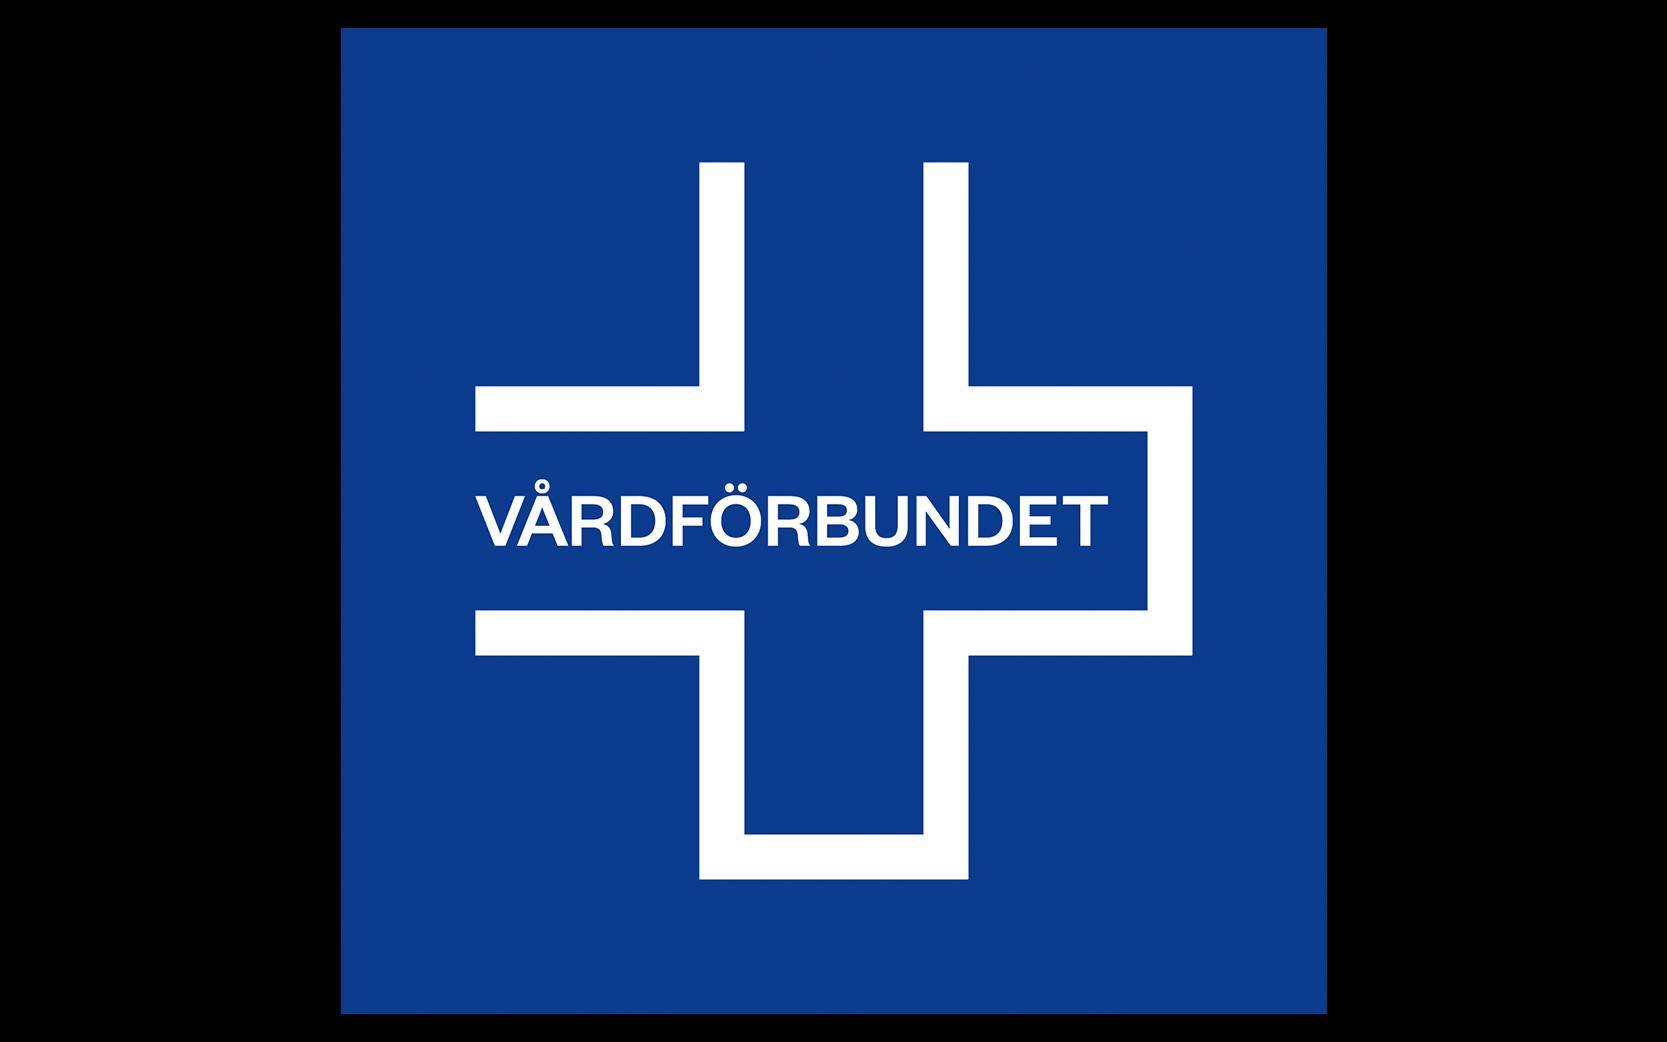 Vårdförbundets logotyp